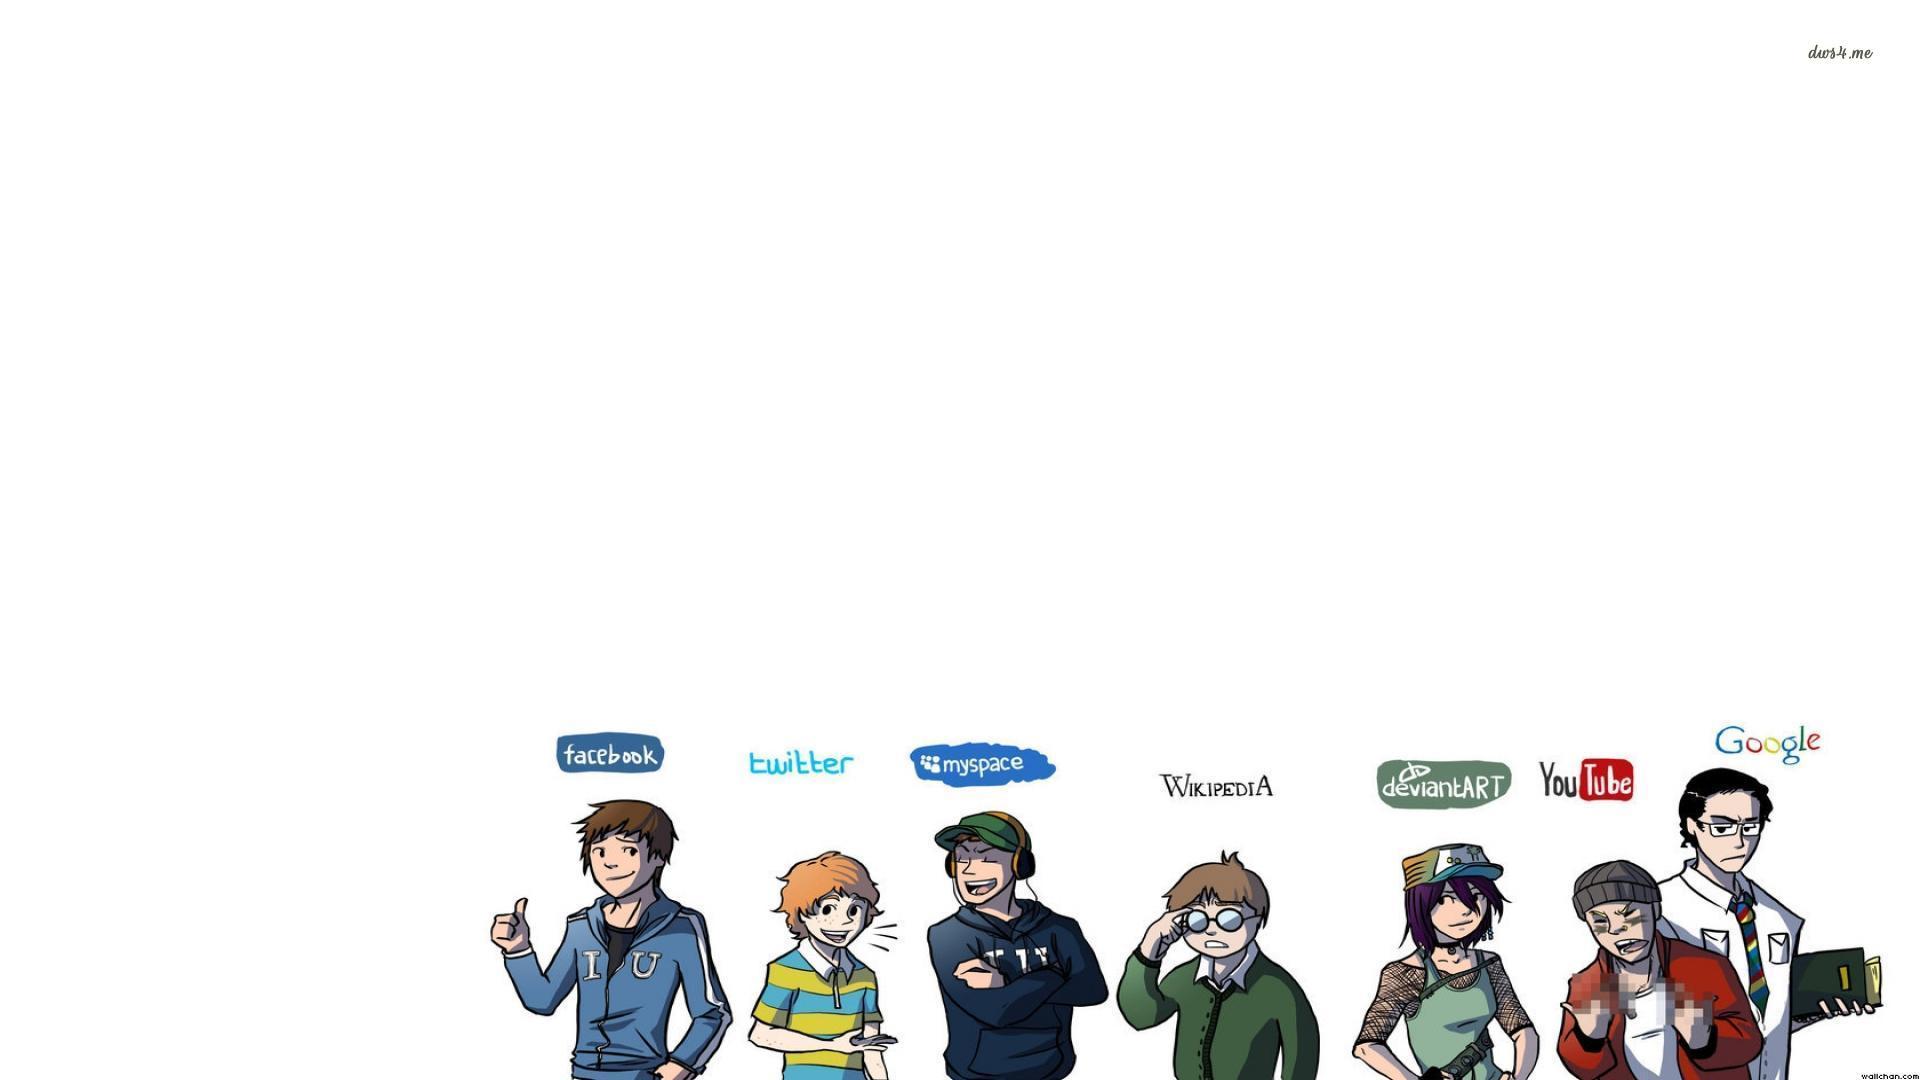 Desktop Wallpaper Social Wallpapering - WallpaperSafari